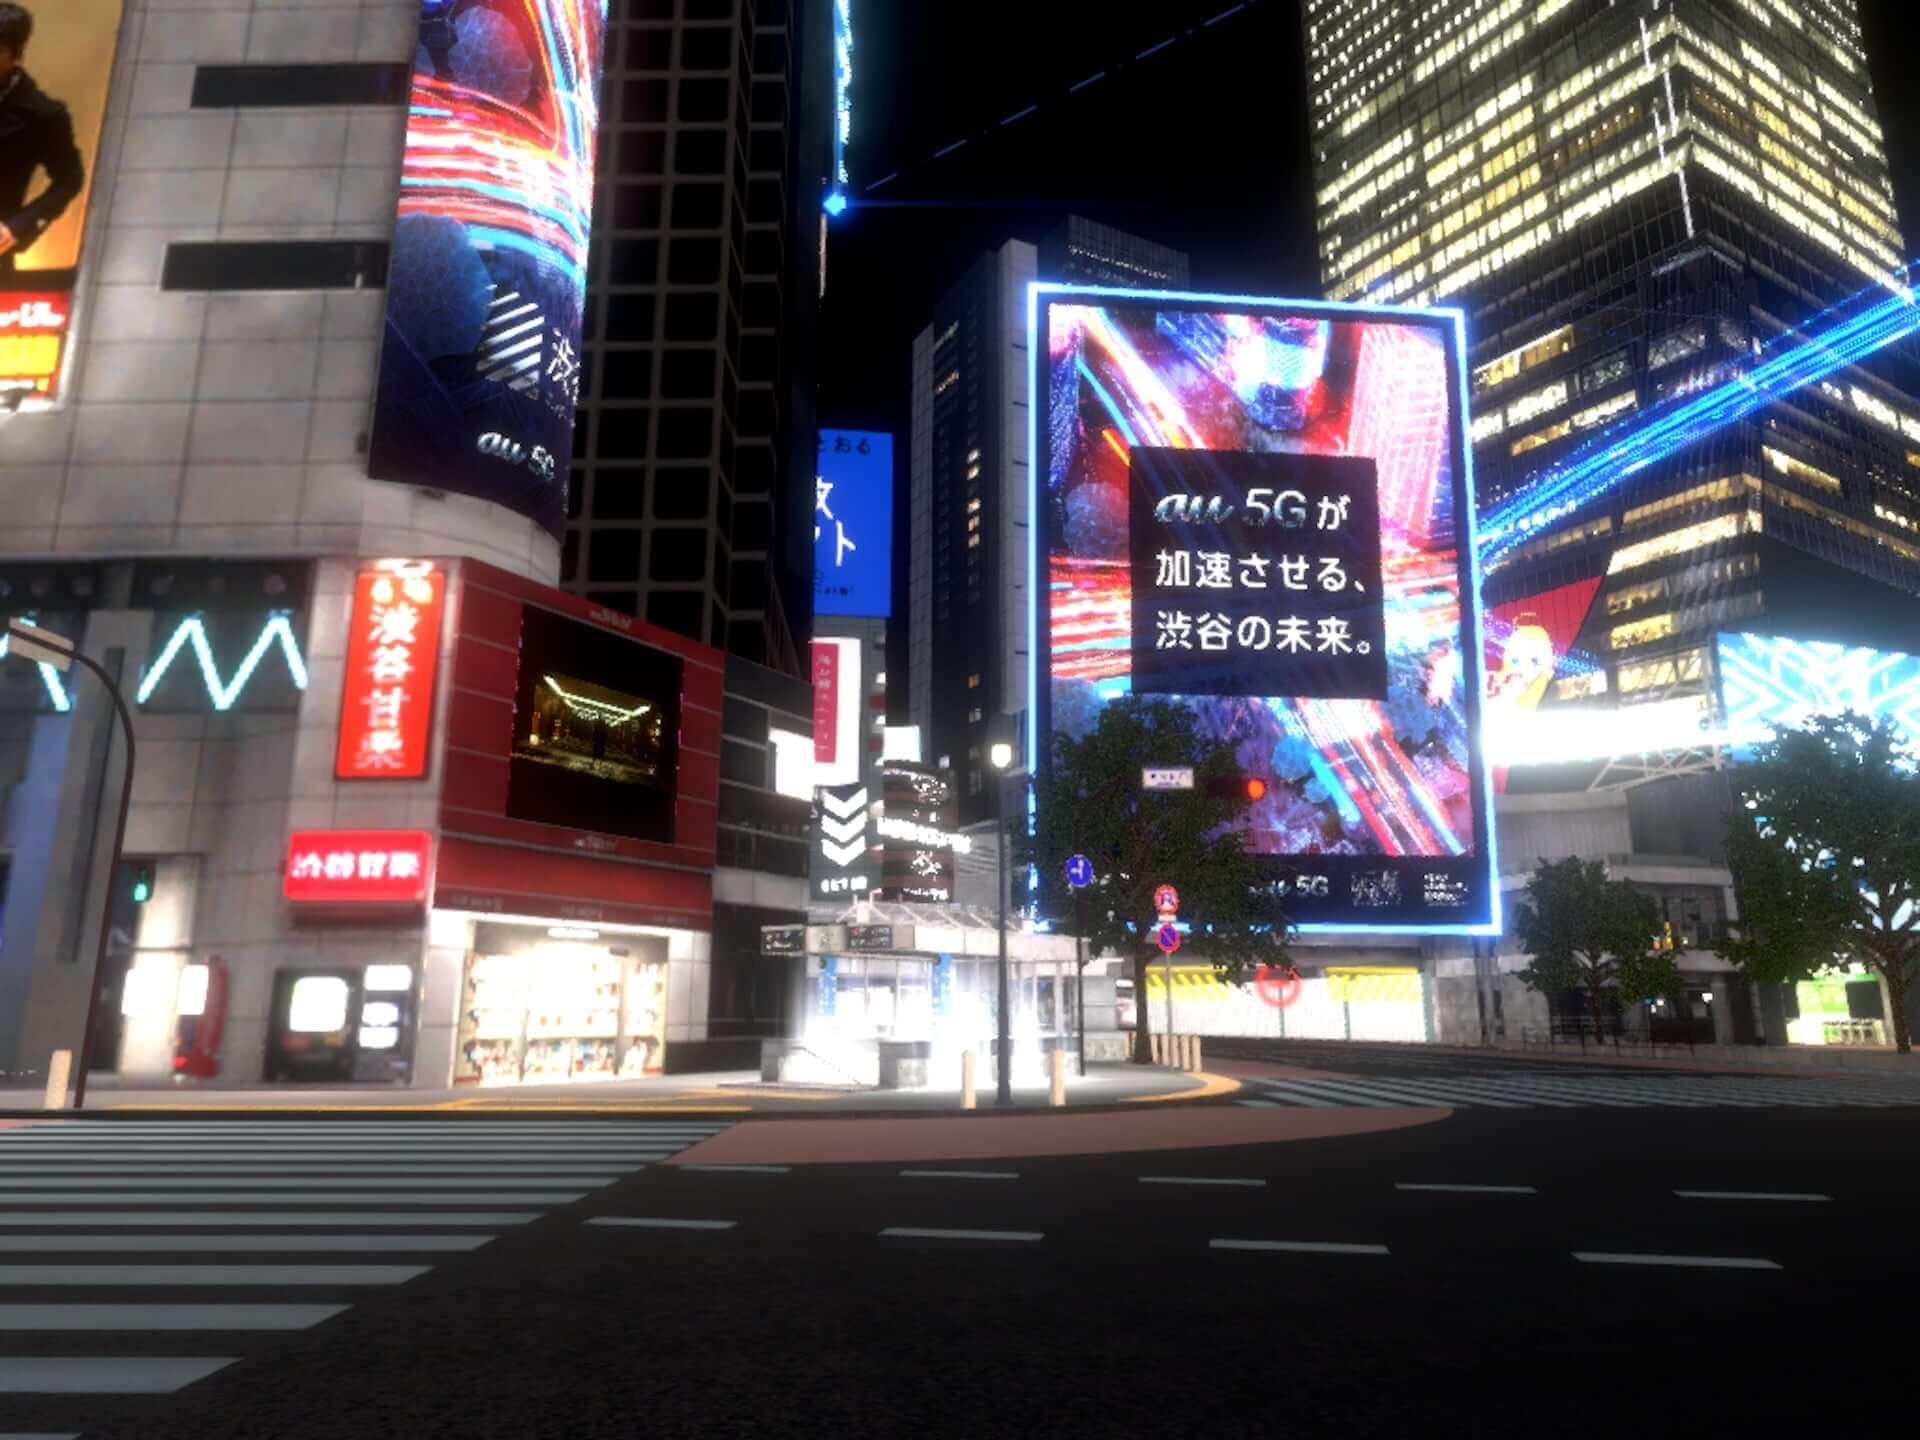 バーチャル渋谷にライブハウスが誕生!ザ・チャレンジ、Wez Atlas、sooogood!ら100組が出演するライブイベントが開催決定 music210326_virtualshibuya_2-1920x1440